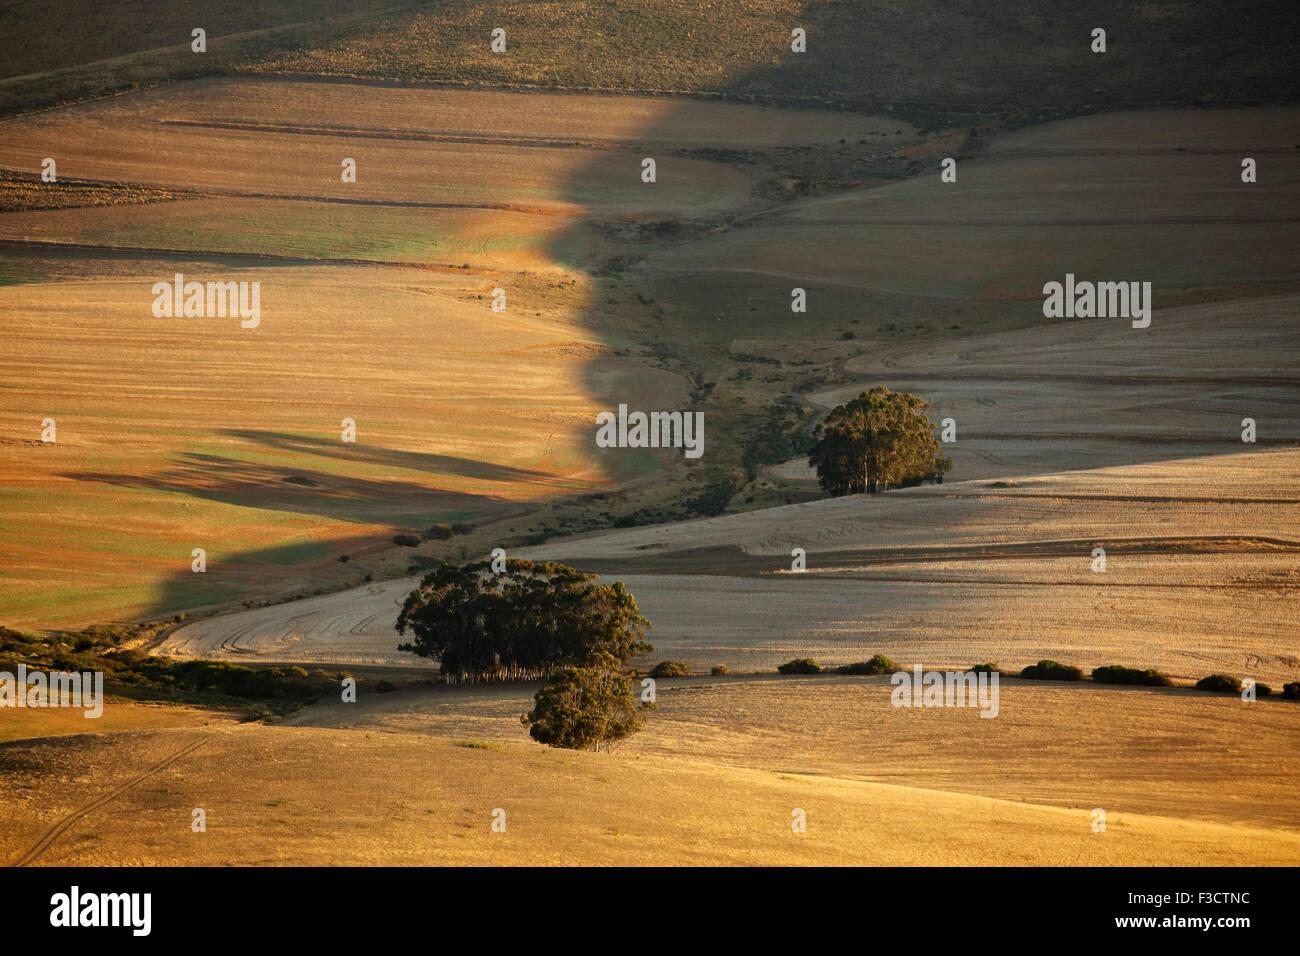 Tierras agrícolas en la región de Overberg cerca Villiersdorp, tapa de Occidental, Sudáfrica Imagen De Stock